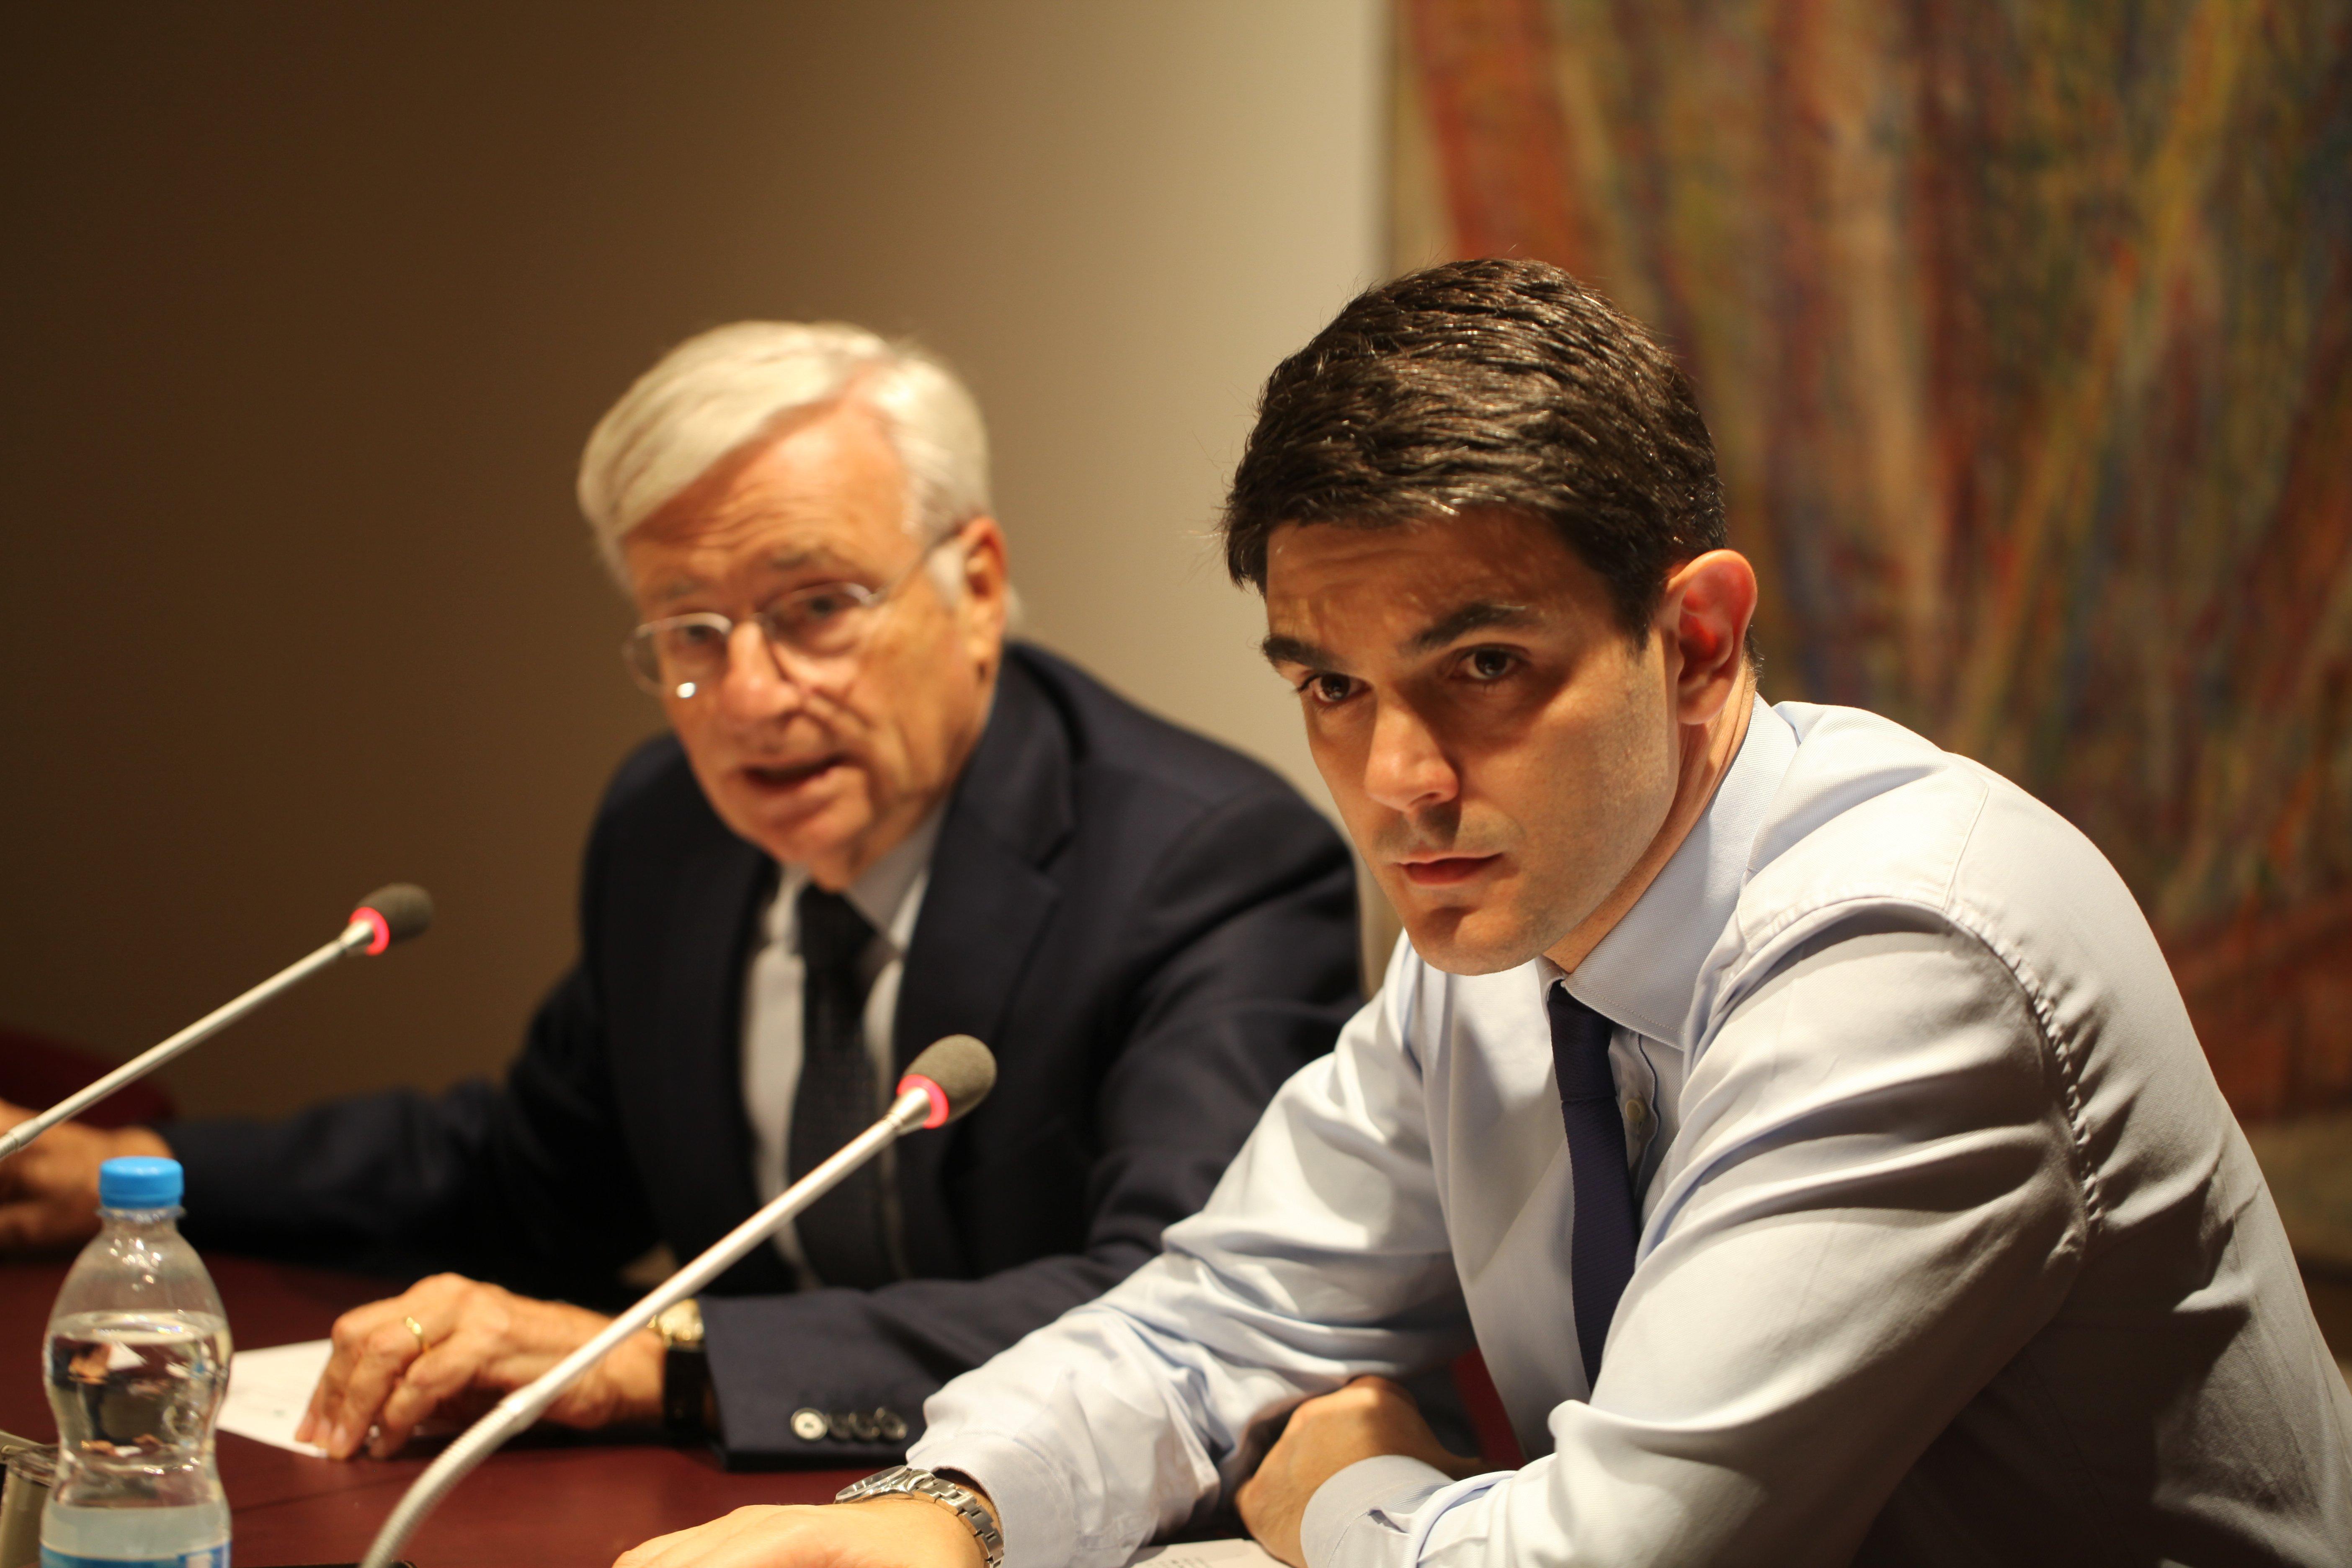 In primo piano l'ex direttore di Fondazione Cariverona Giacomo Marino, alla sua destra il presidente Mazzucco.